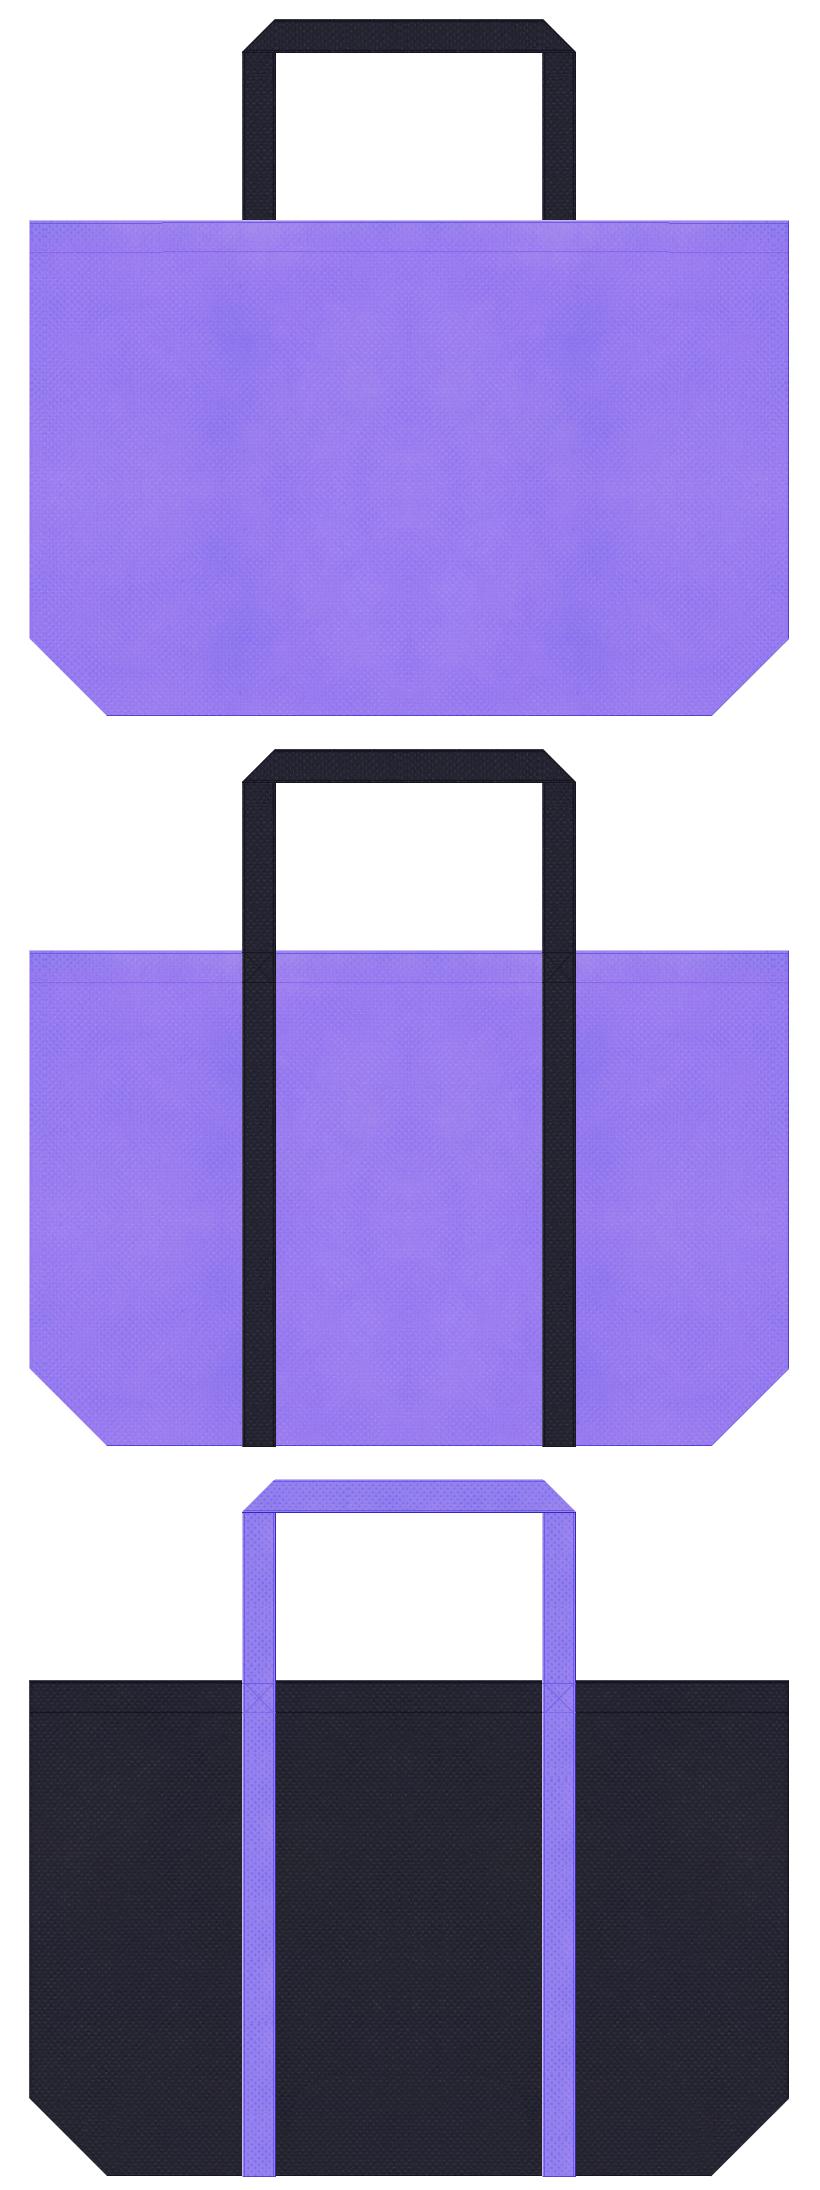 薄紫色と濃紺色の不織布ショッピングバッグデザイン。ウィッグ・ヘアトリートメントのショッピングバッグにお奨めです。